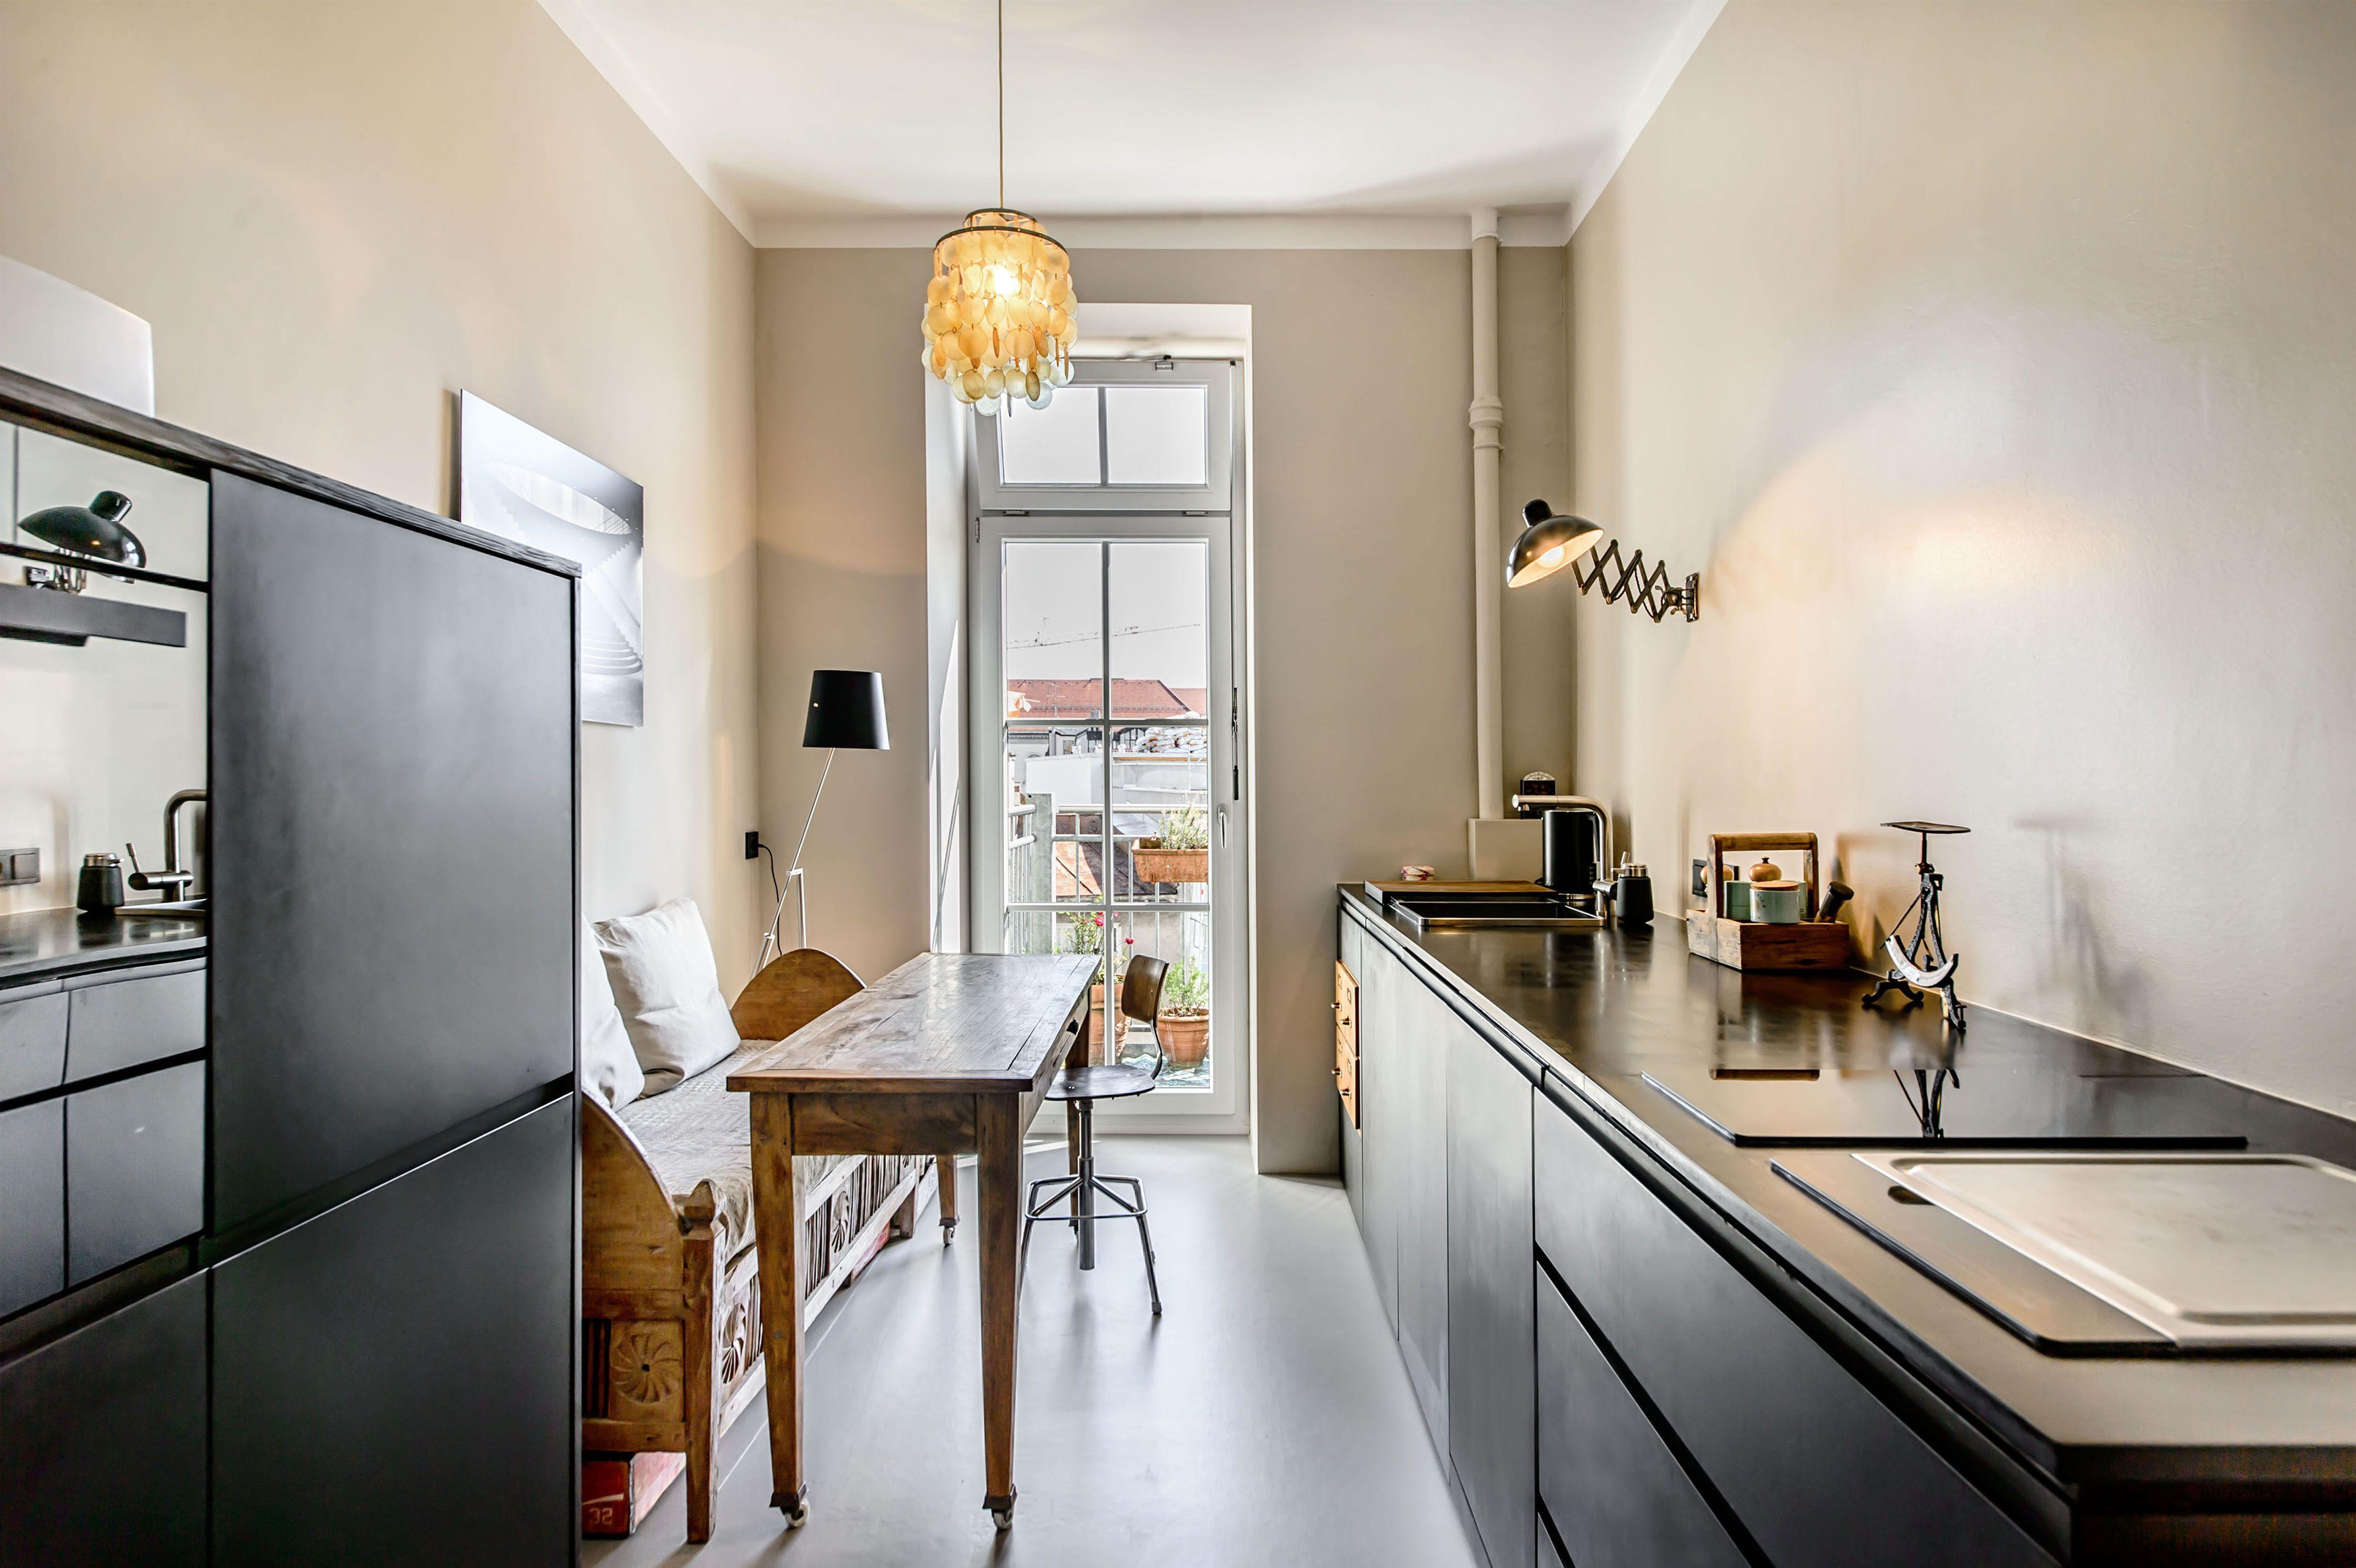 Nett Küche Mit Schwarzen Geräten Dekoration Ideen - Küche Set Ideen ...